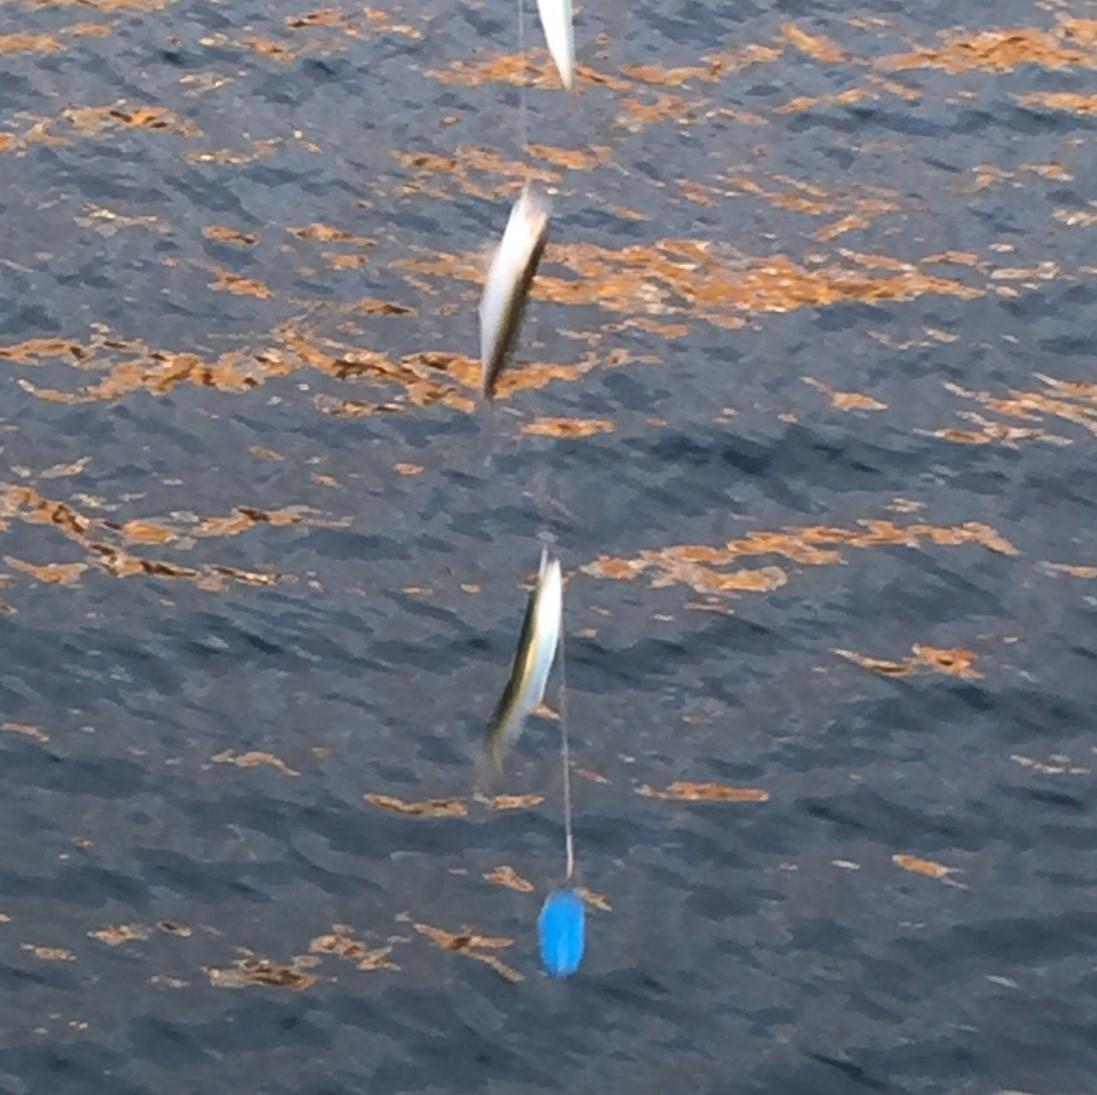 f:id:stormfish:20200206000543j:plain